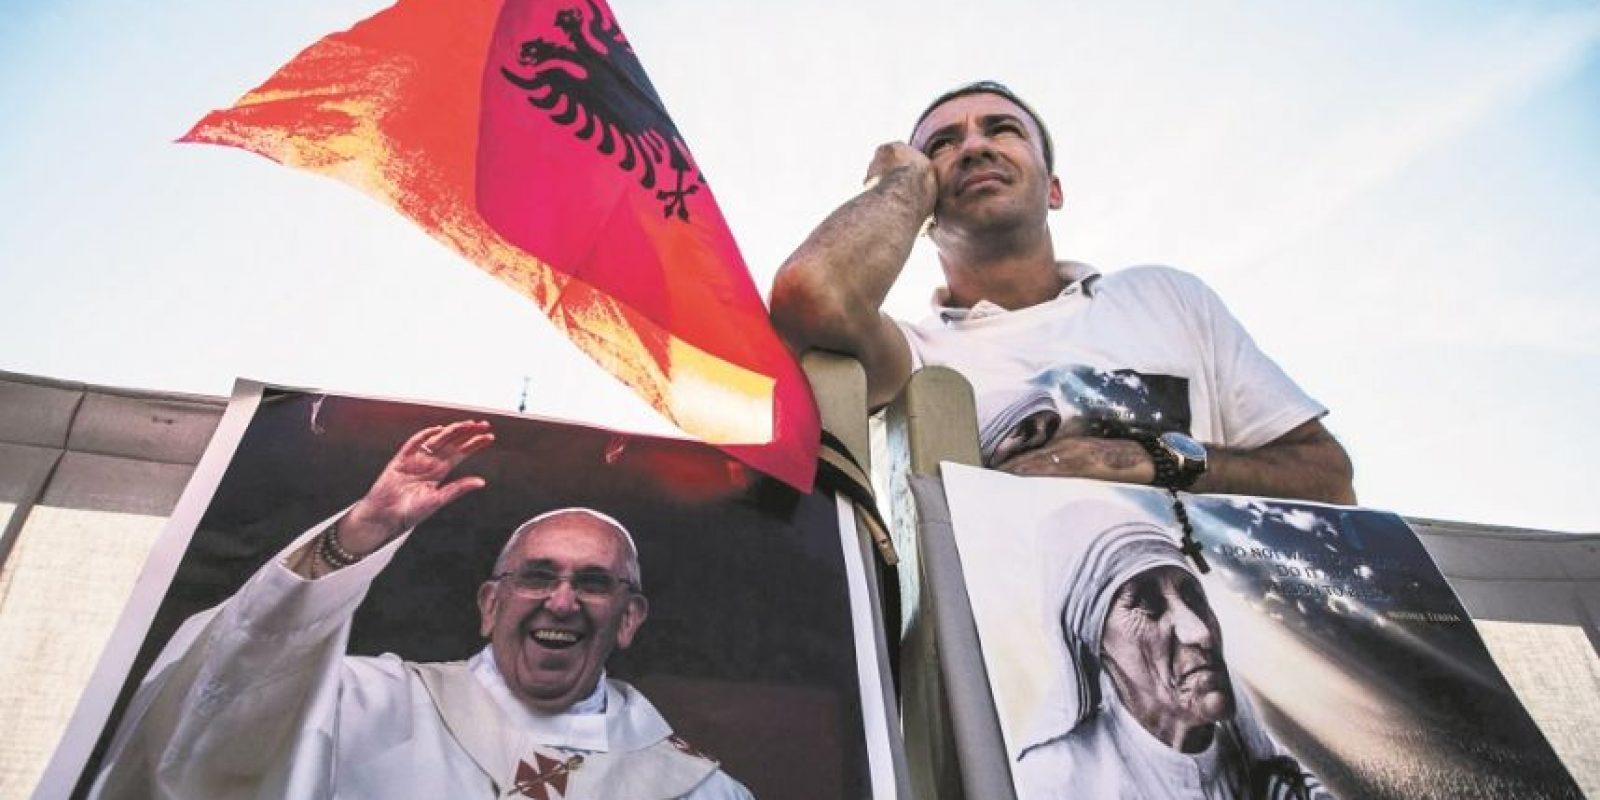 La madre Teresa había sido proclamada beata en 2003 por Juan Pablo II, tan solo seis años después de su muerte. Foto:EFE